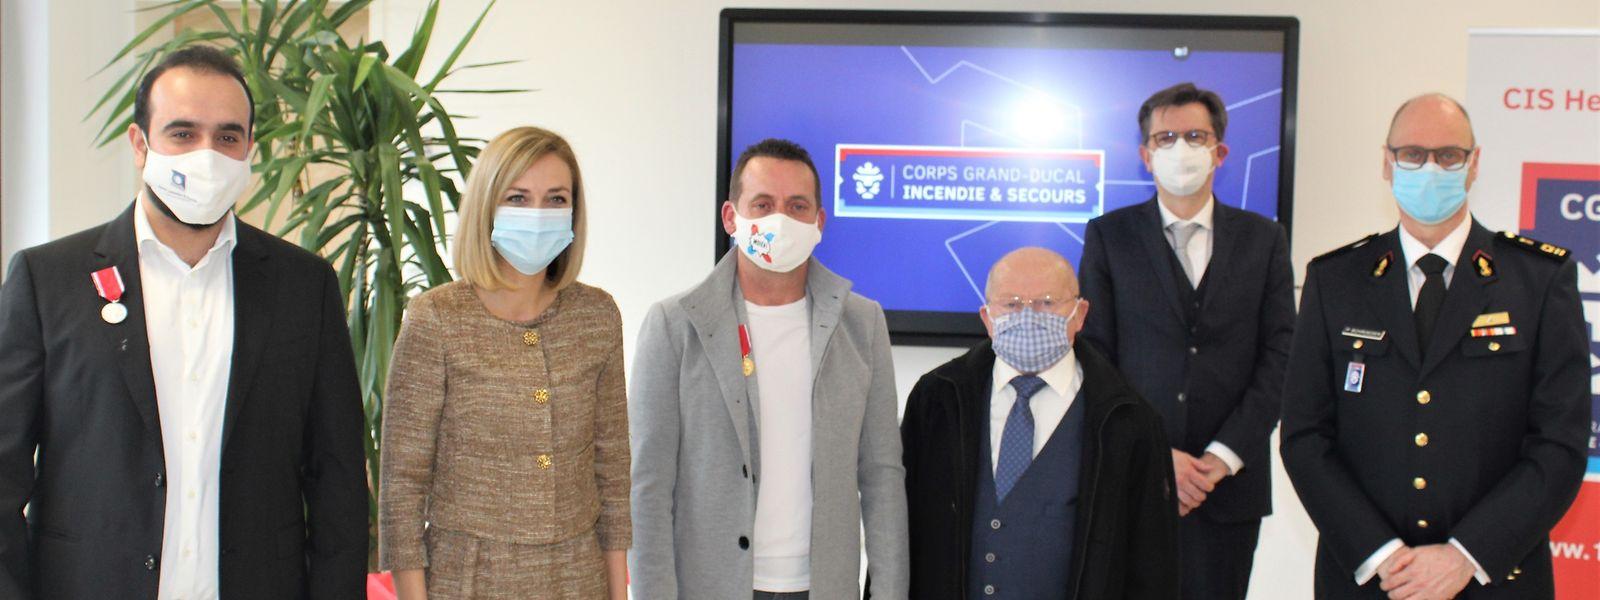 Von links nach rechts: Ahmed Alabdulmohsen, Taina Bofferding, Armand Trausch, Grégoire Trausch, Alain Becker vom Innenministerium und Paul Schroeder, Generaldirektor des CGDIS.